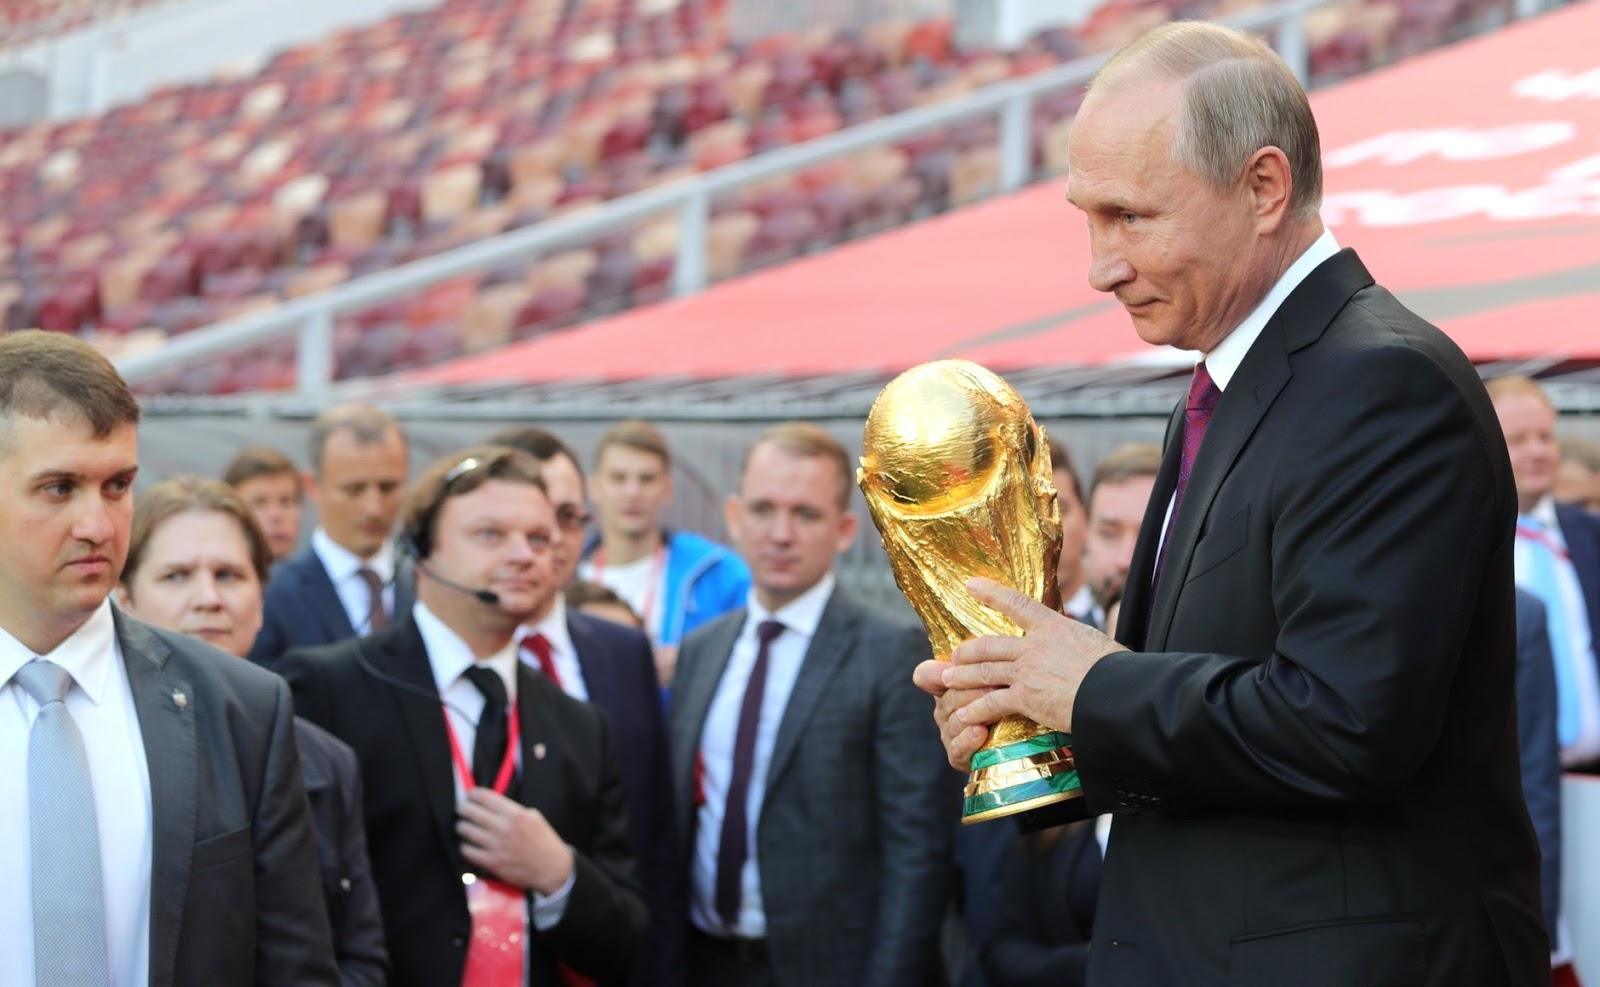 Hak Siar: Terbaru Daftar Channel Televisi Yang Menyiarkan Piala Dunia 2018